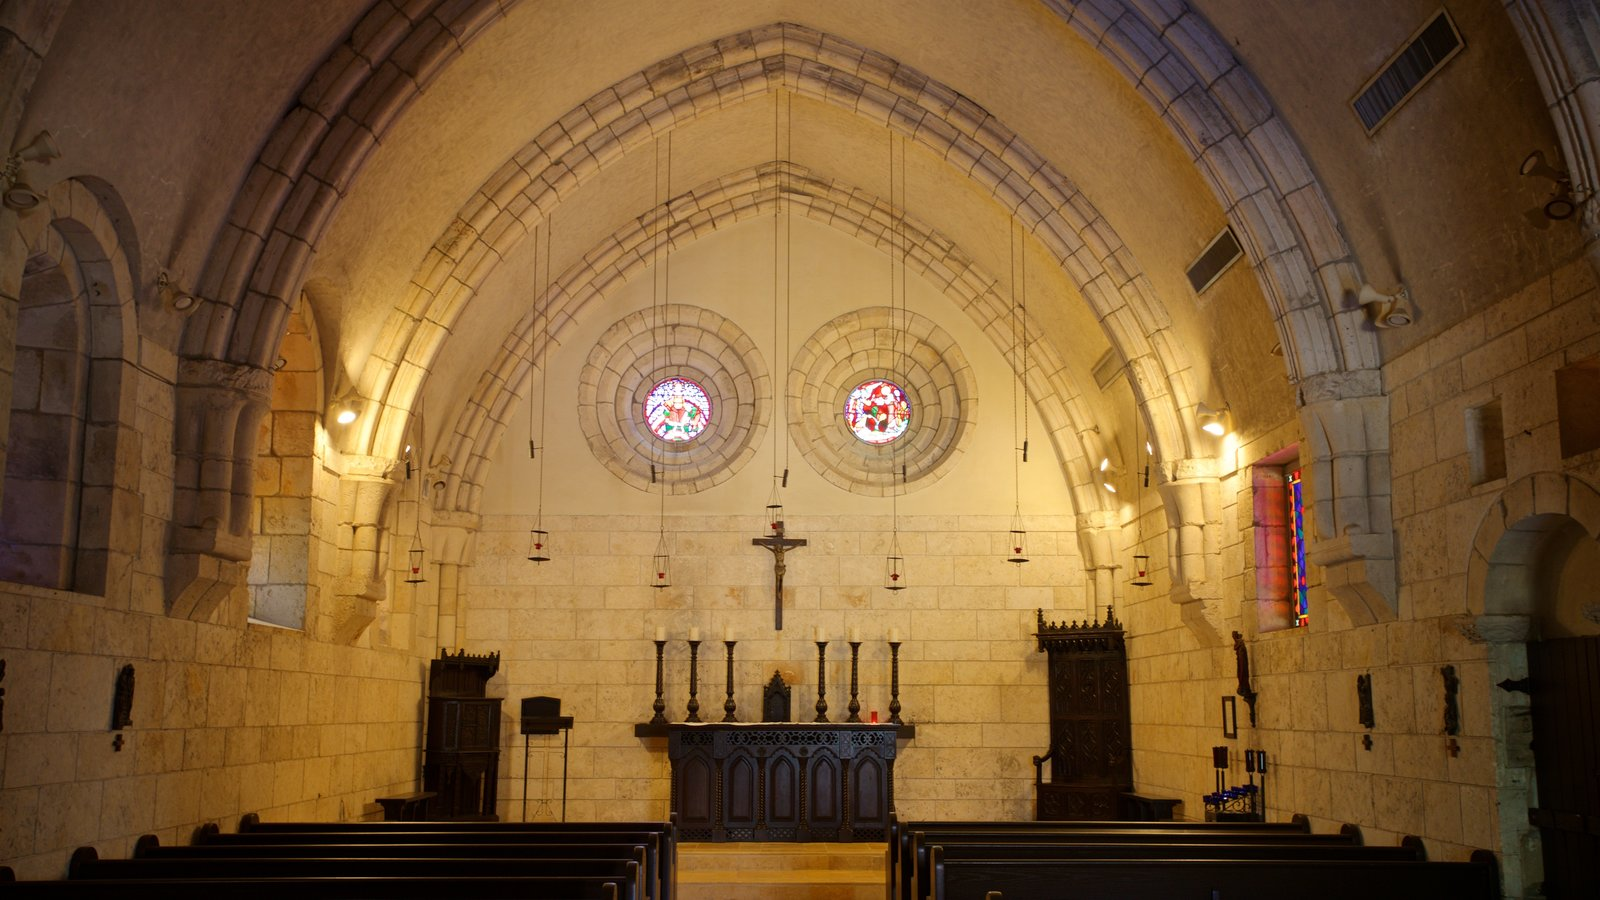 Antigo Mosteiro Espanhol caracterizando uma igreja ou catedral, elementos de patrimônio e vistas internas